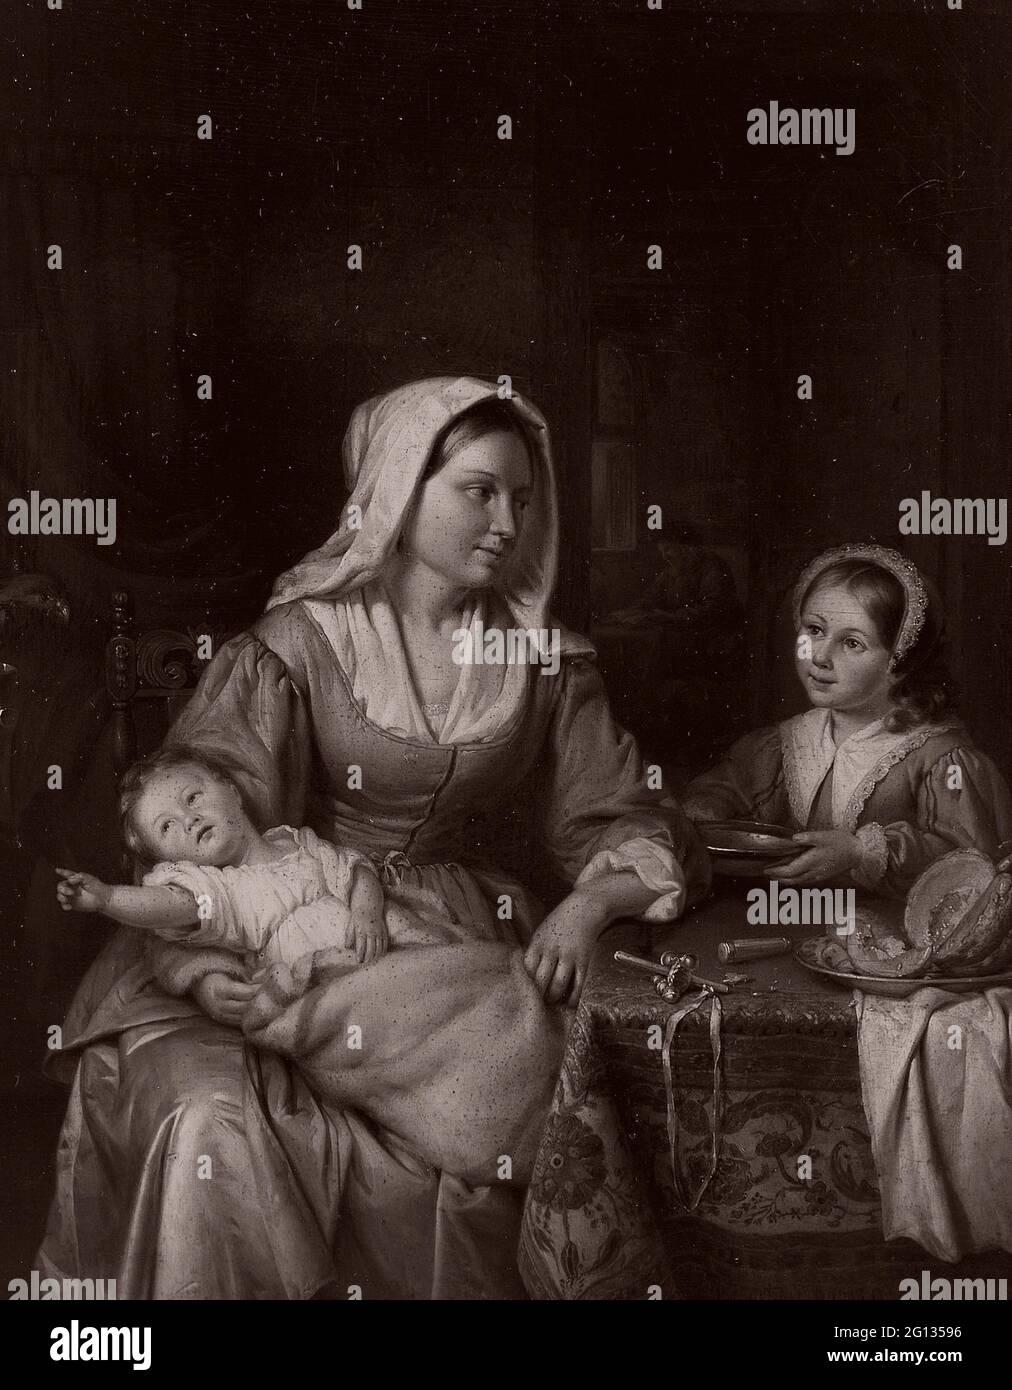 Autor: Adriaan de Lelie. Mutter und zwei Kinder mit Stillleben - 1810 - Adriaen de Lelie Dutch, 1755-1820. Öl auf der Platte. Niederlande. Stockfoto